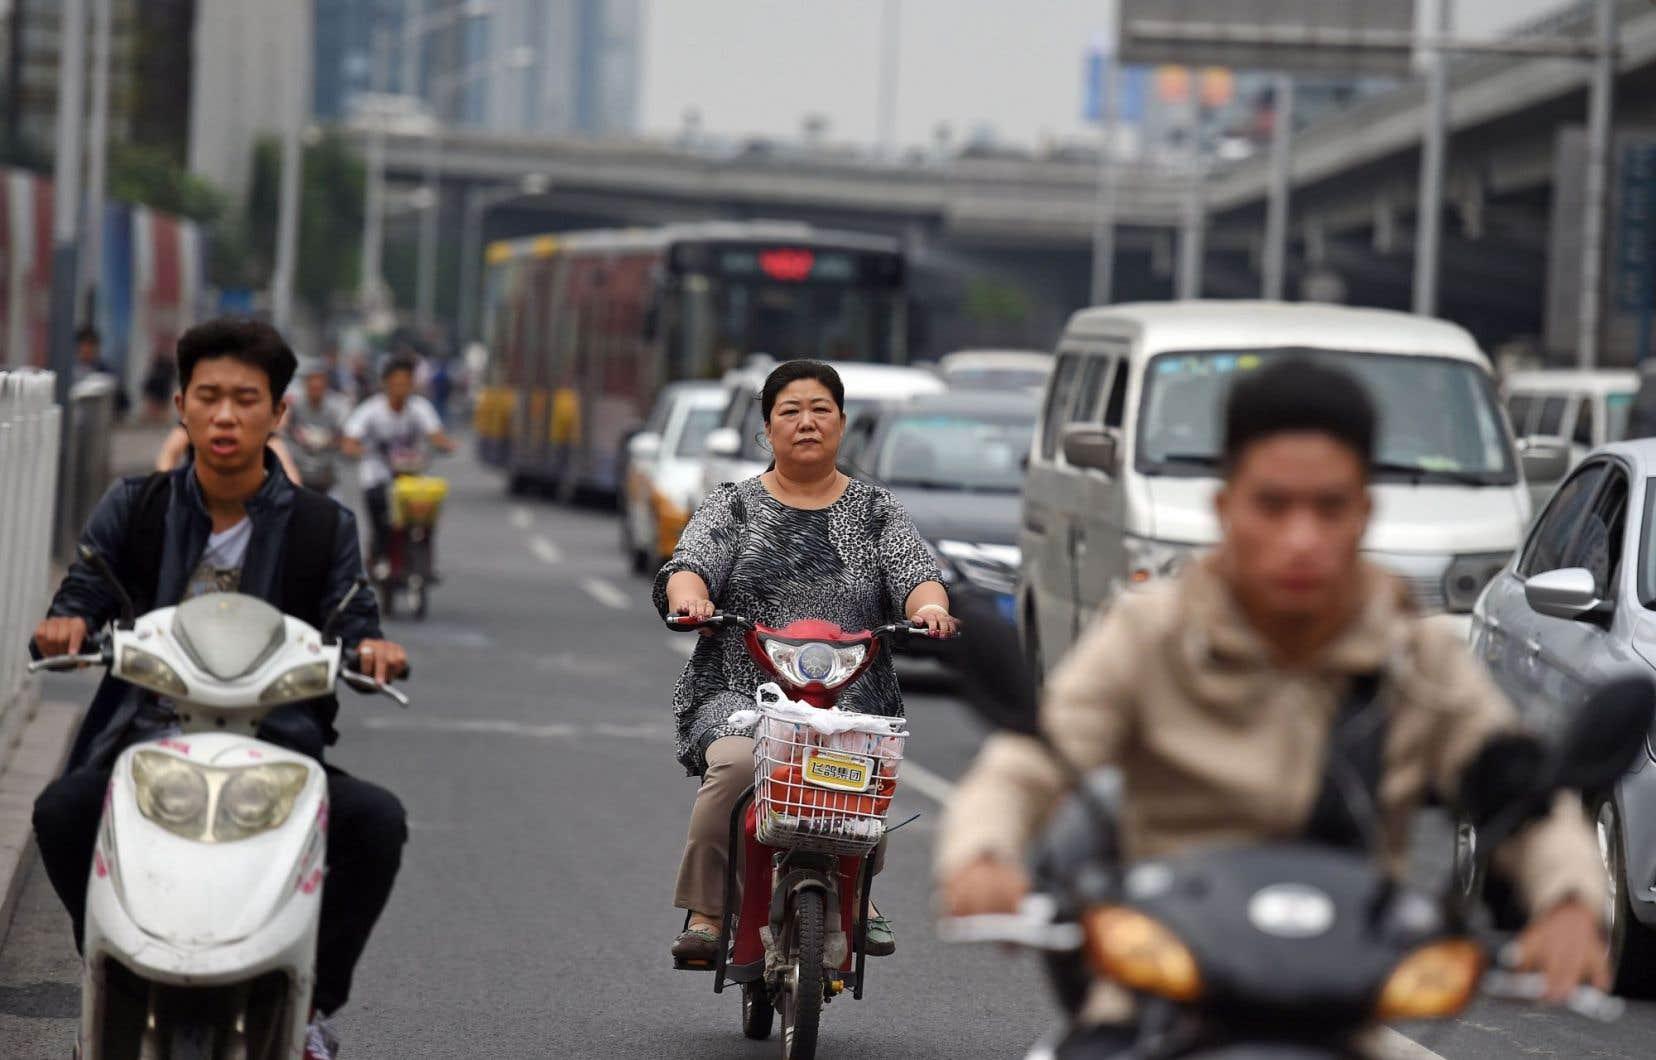 Les mesures agressives de la Chine ont ralenti le coronavirus. Ils peuvent ne pas travailler dans d'autres pays